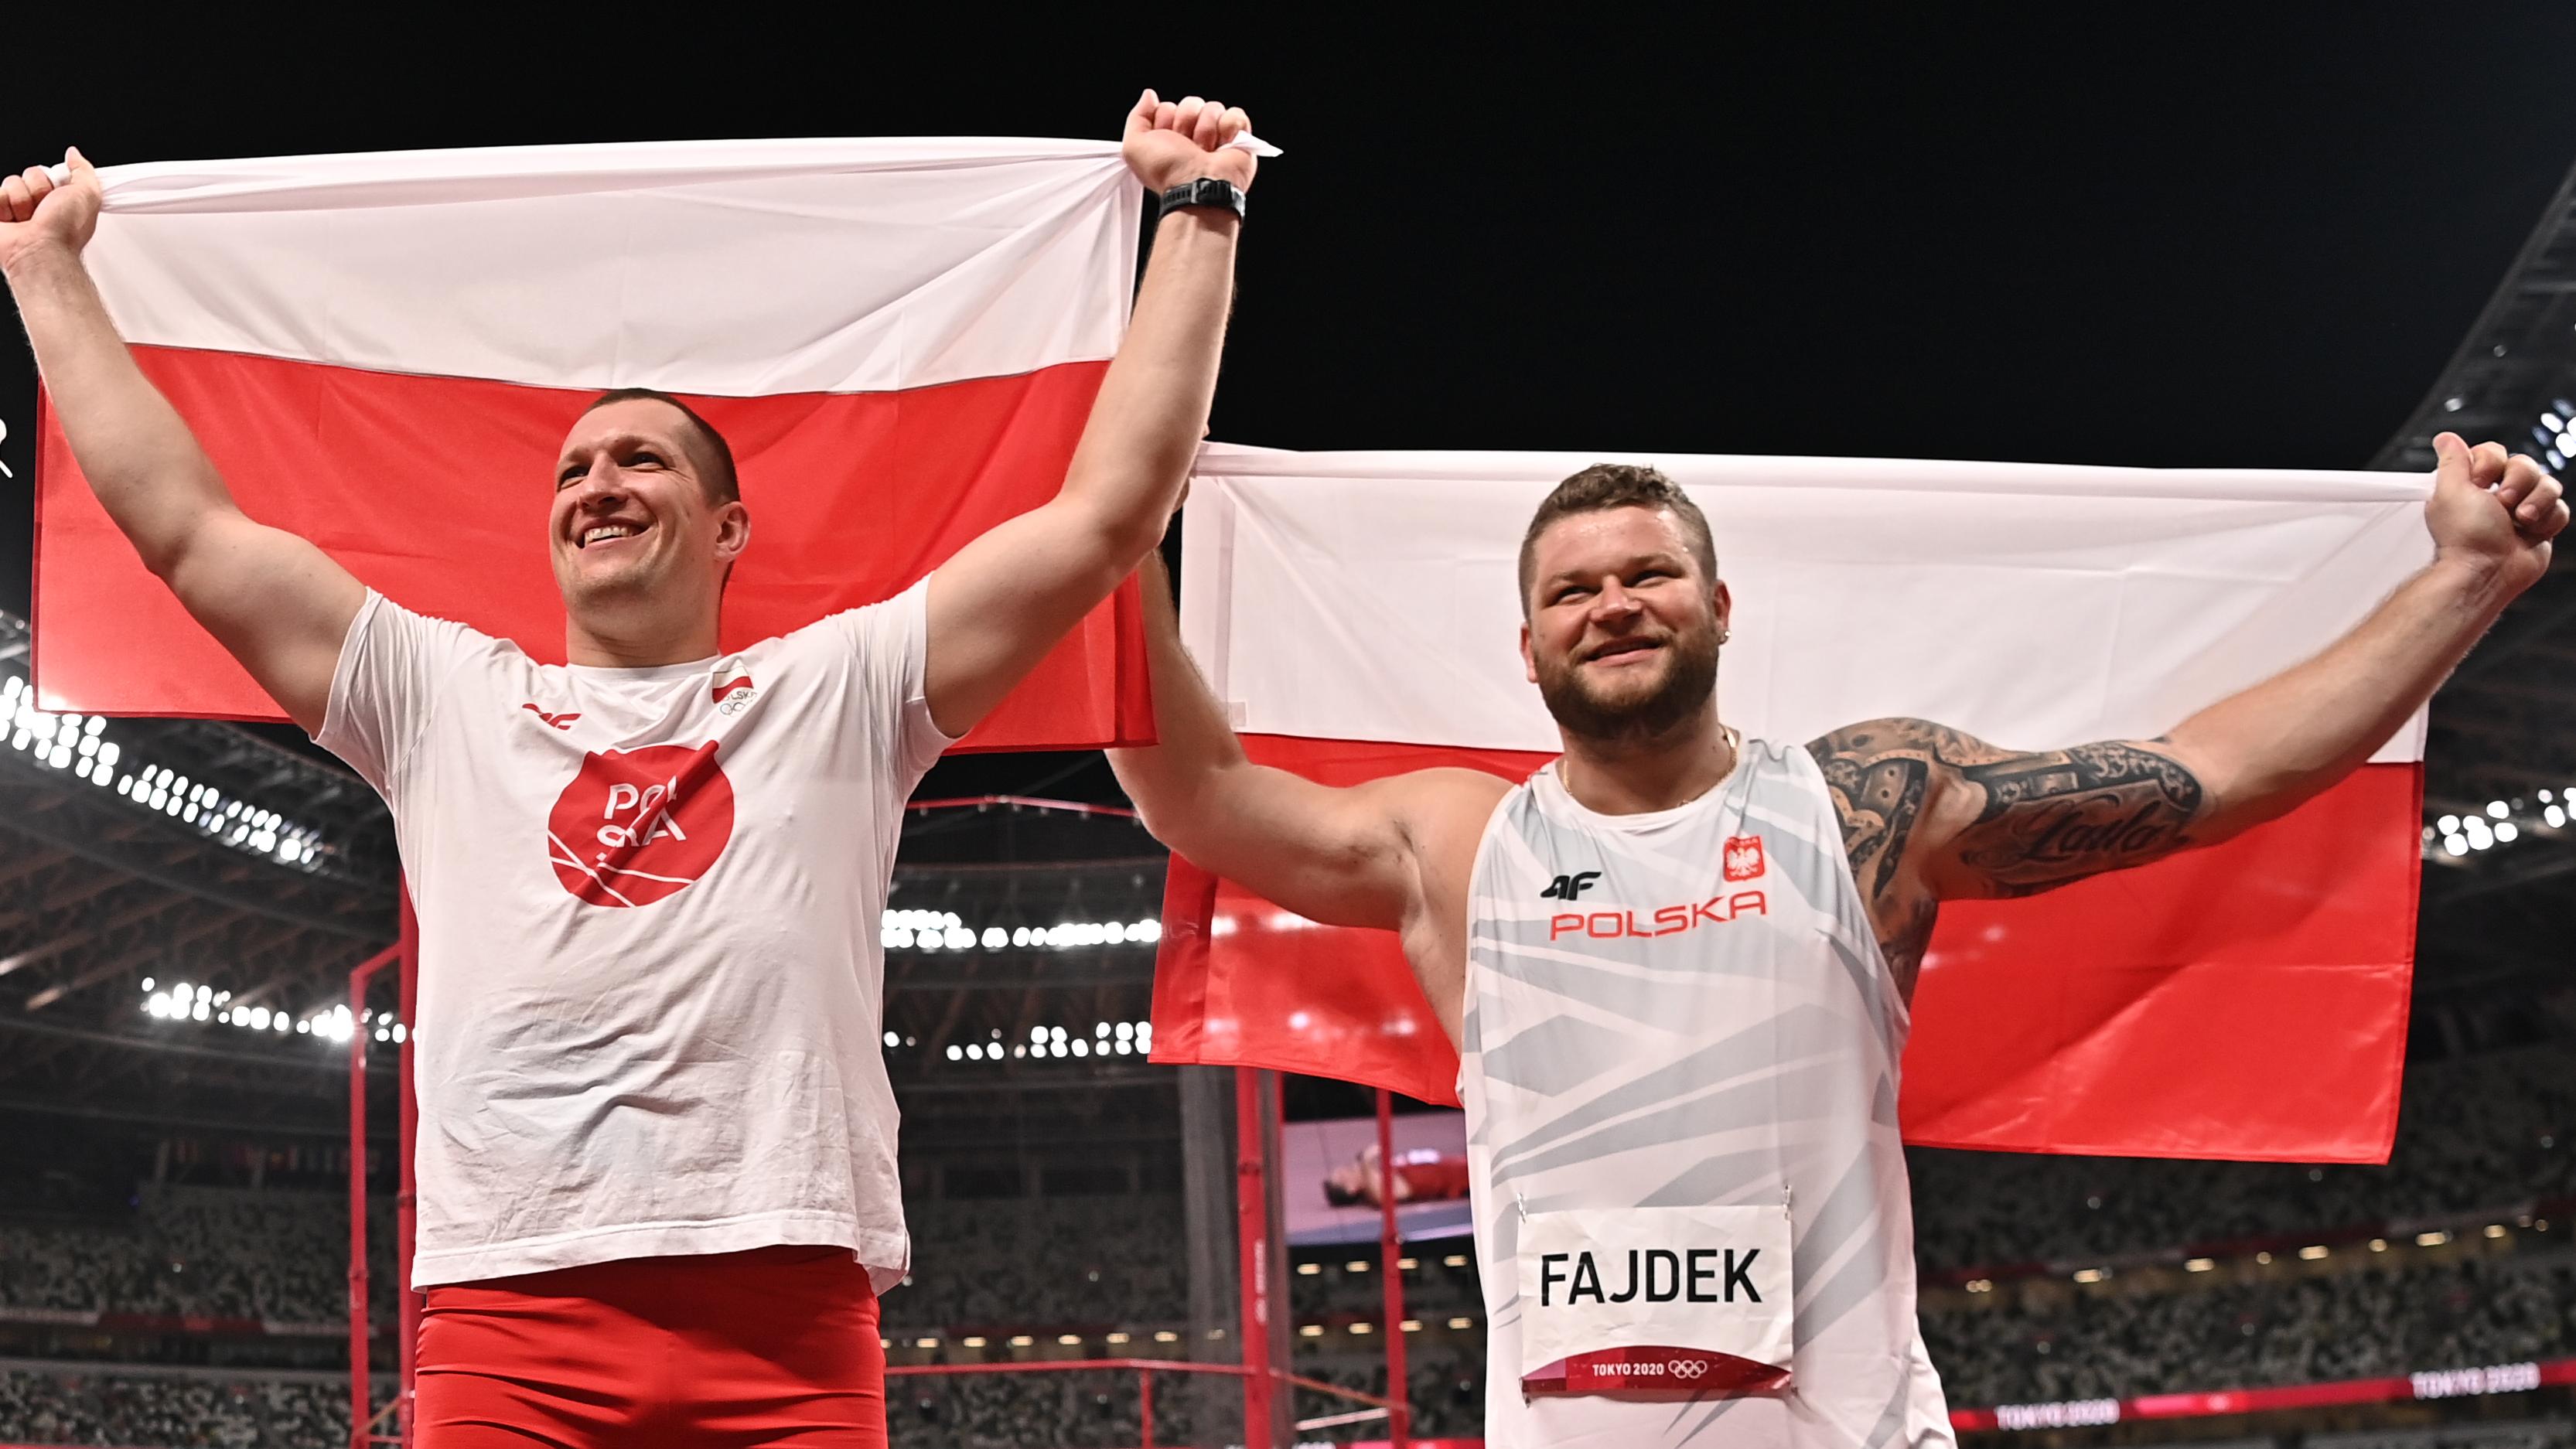 Igrzyska olimpijskie Tokio - Wojciech Nowicki i Paweł Fajdek